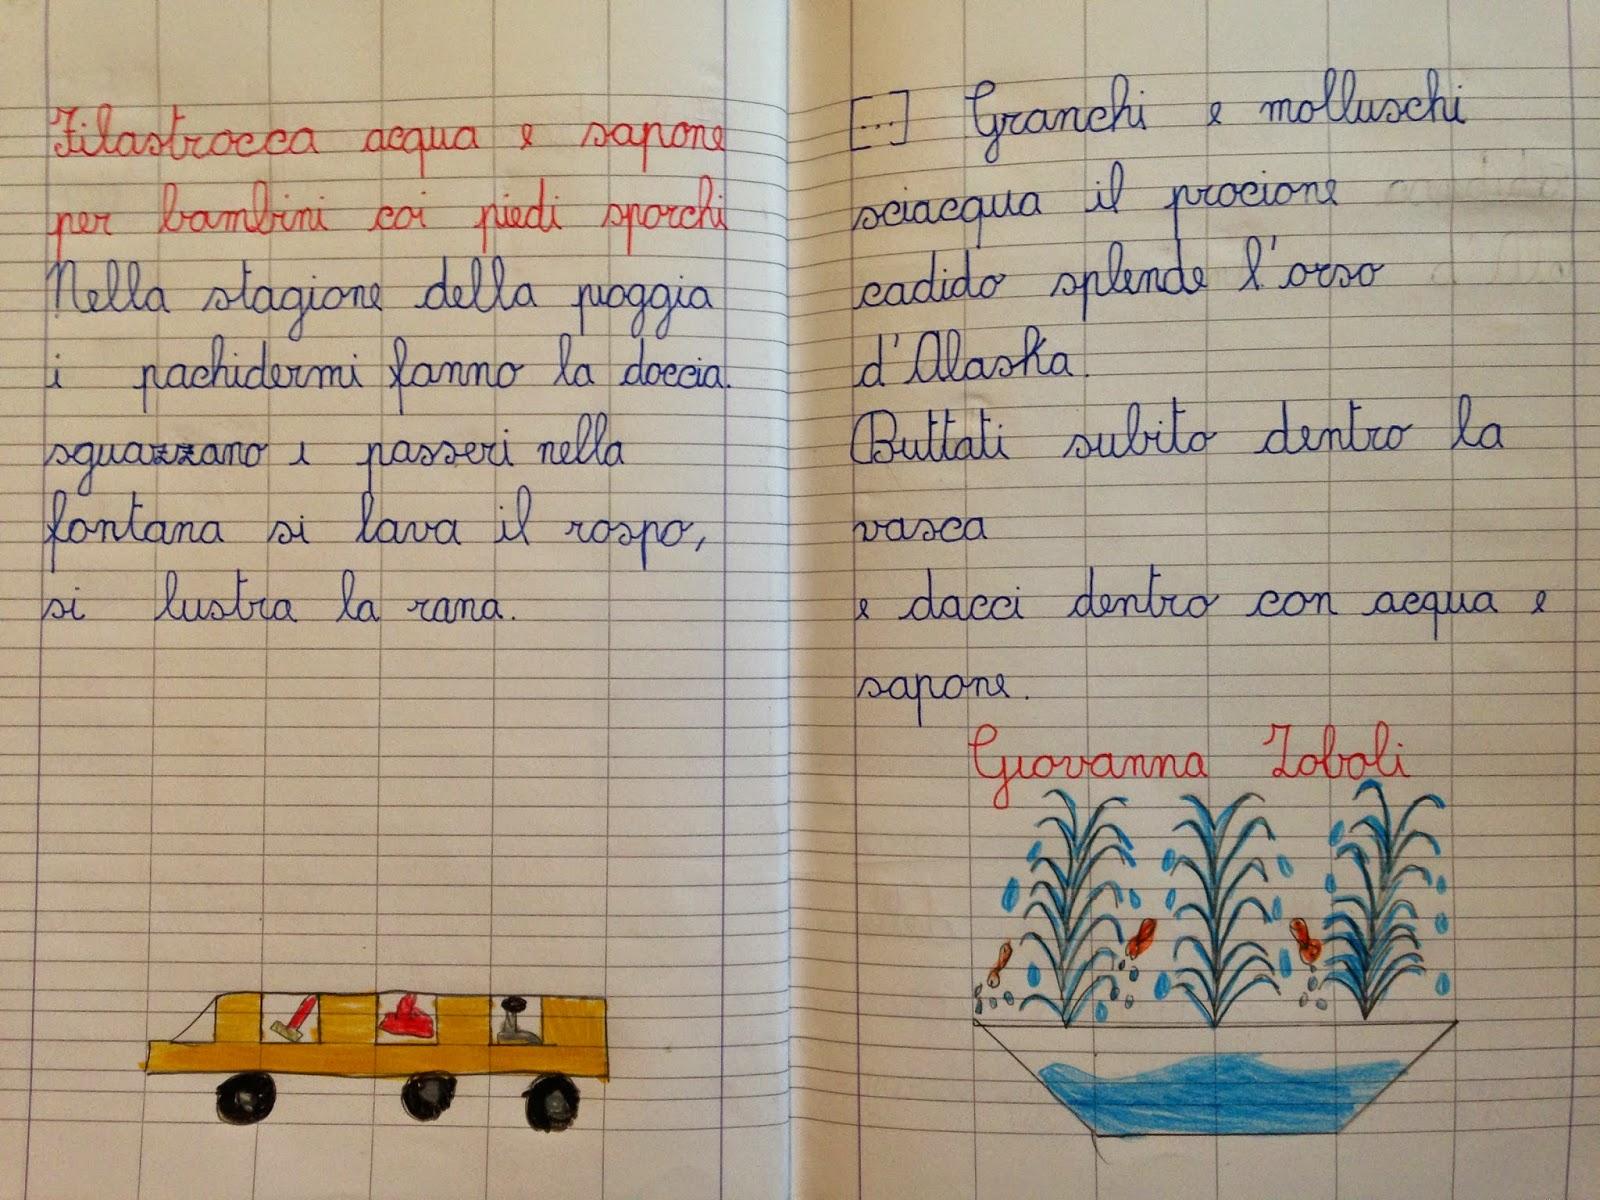 Favorito APEdario: Filastrocca acqua e sapone per bambini coi piedi sporchi EZ93